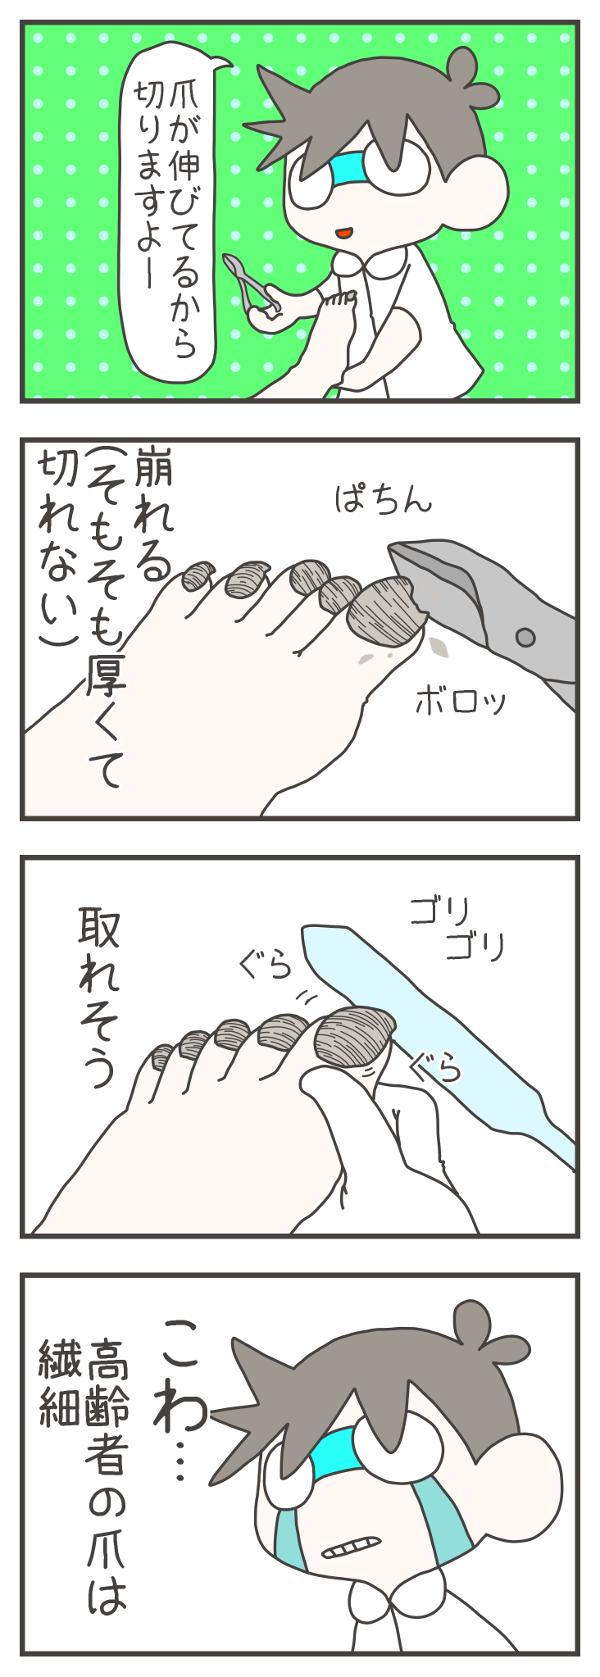 「爪が伸びているから切りますよー」と患者さんの脚を持つナスさん。爪をきろうとニッパーに力を入れると、「ボロッ」と爪が崩れてしまいます(そもそも厚くて切れない)。そのため、爪やすりで再チャレンジしますが、今度は「ぐらぐら」と爪が取れそう…。高齢者の爪は繊細で、「こわ…」と思わず涙を浮かべてしまうナスさんなのでした。